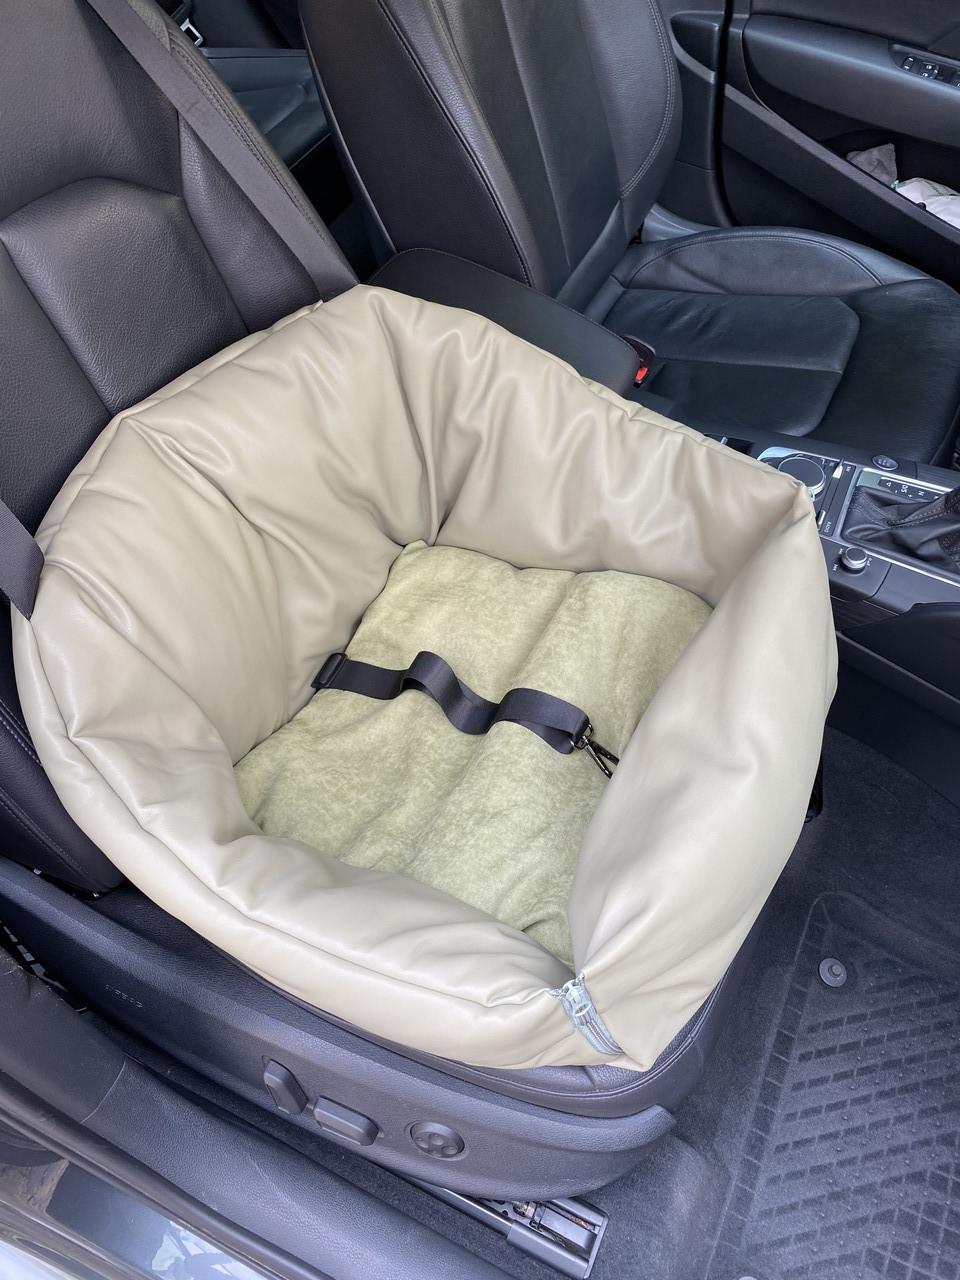 Автогамак і автокрісло для перевезення собак в машині розмір 40*40 см фісташка еко шкіра